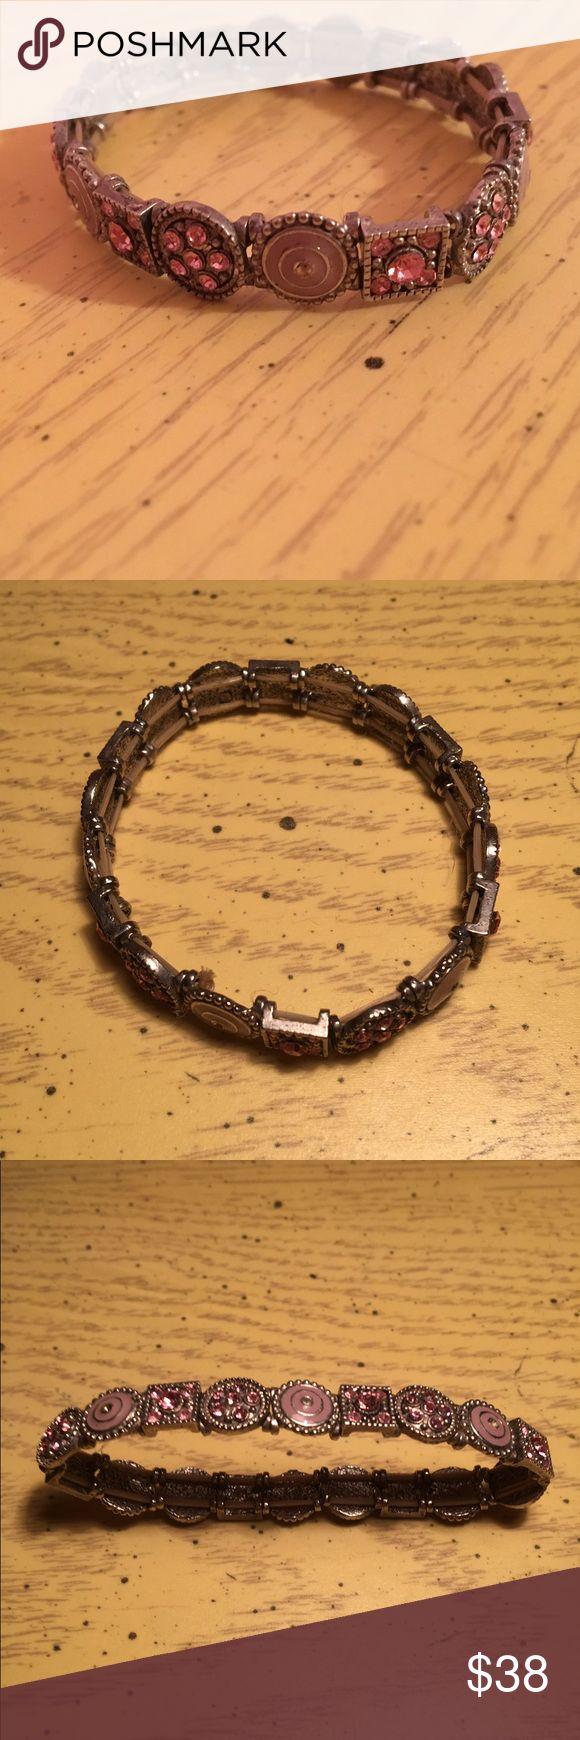 Stunning pink diamond bracelet 💗 Bracelet with pink diamonds, pink accents, and a silver base! Jewelry Bracelets